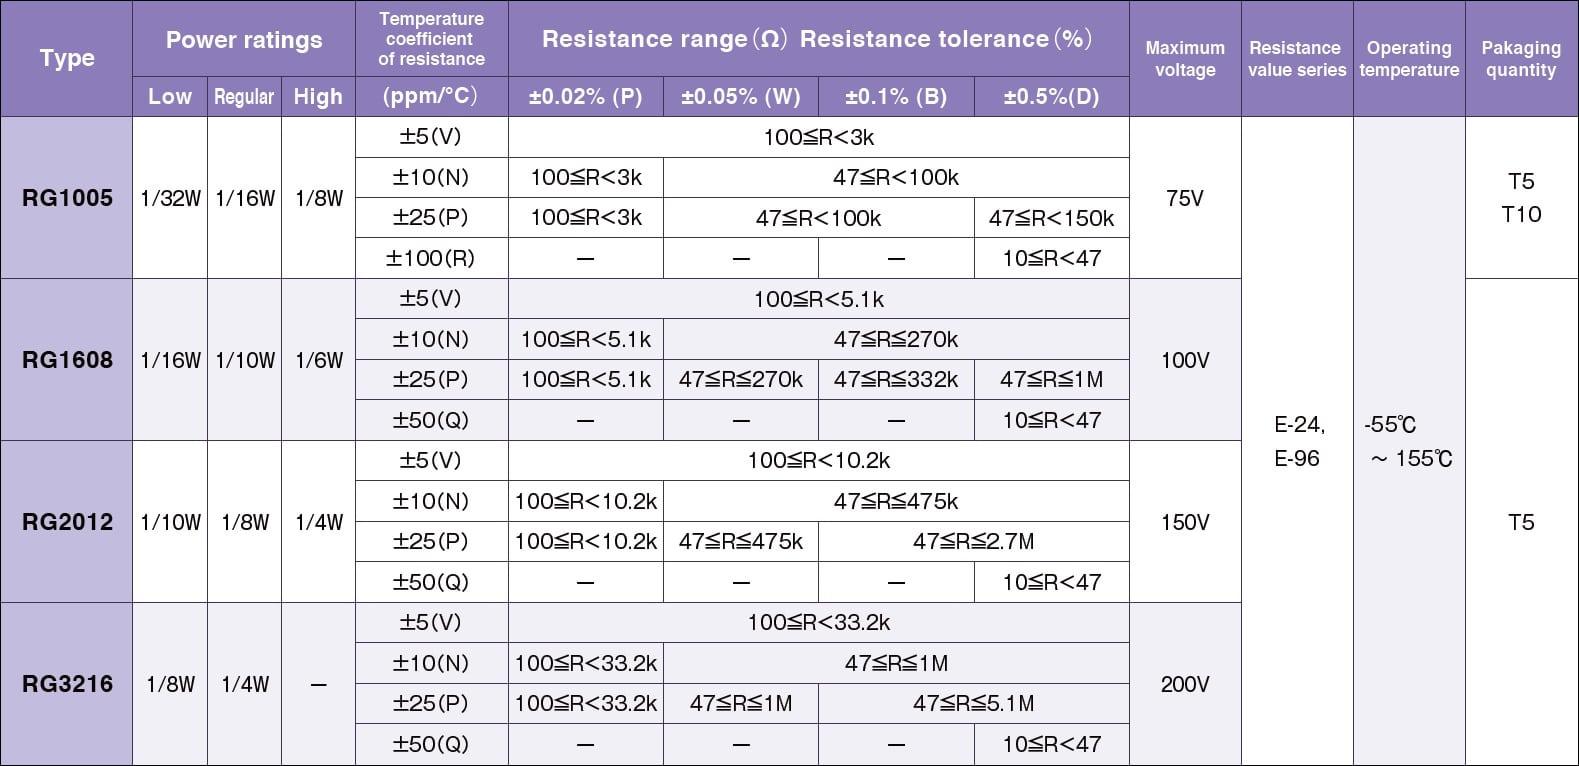 Susumu RG3216 Specifications